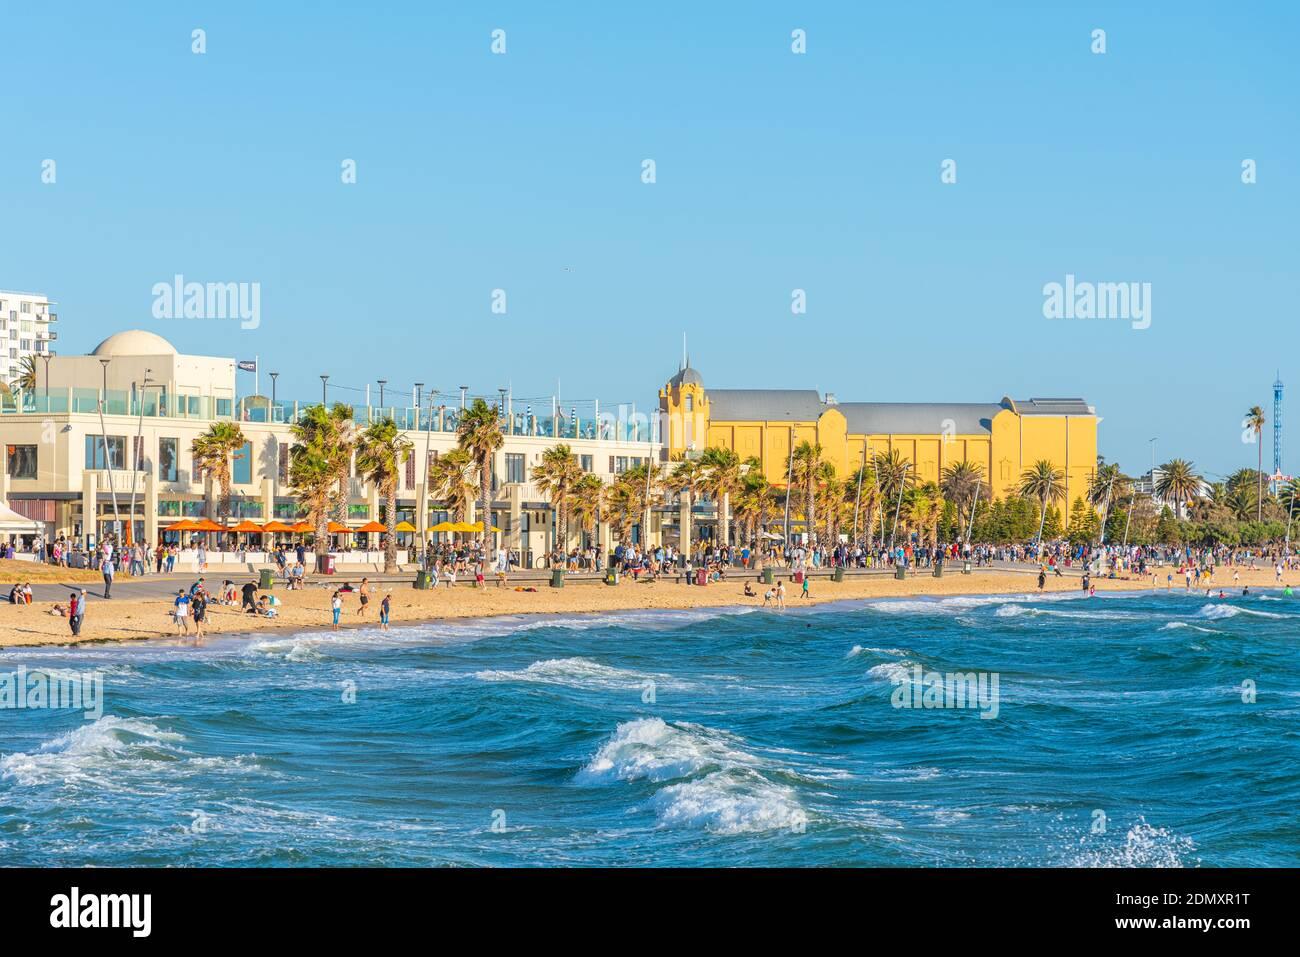 MELBOURNE, AUSTRALIA, 1 DE ENERO de 2020: La gente está disfrutando de un día soleado en una playa en St. Kilda, Australia Foto de stock